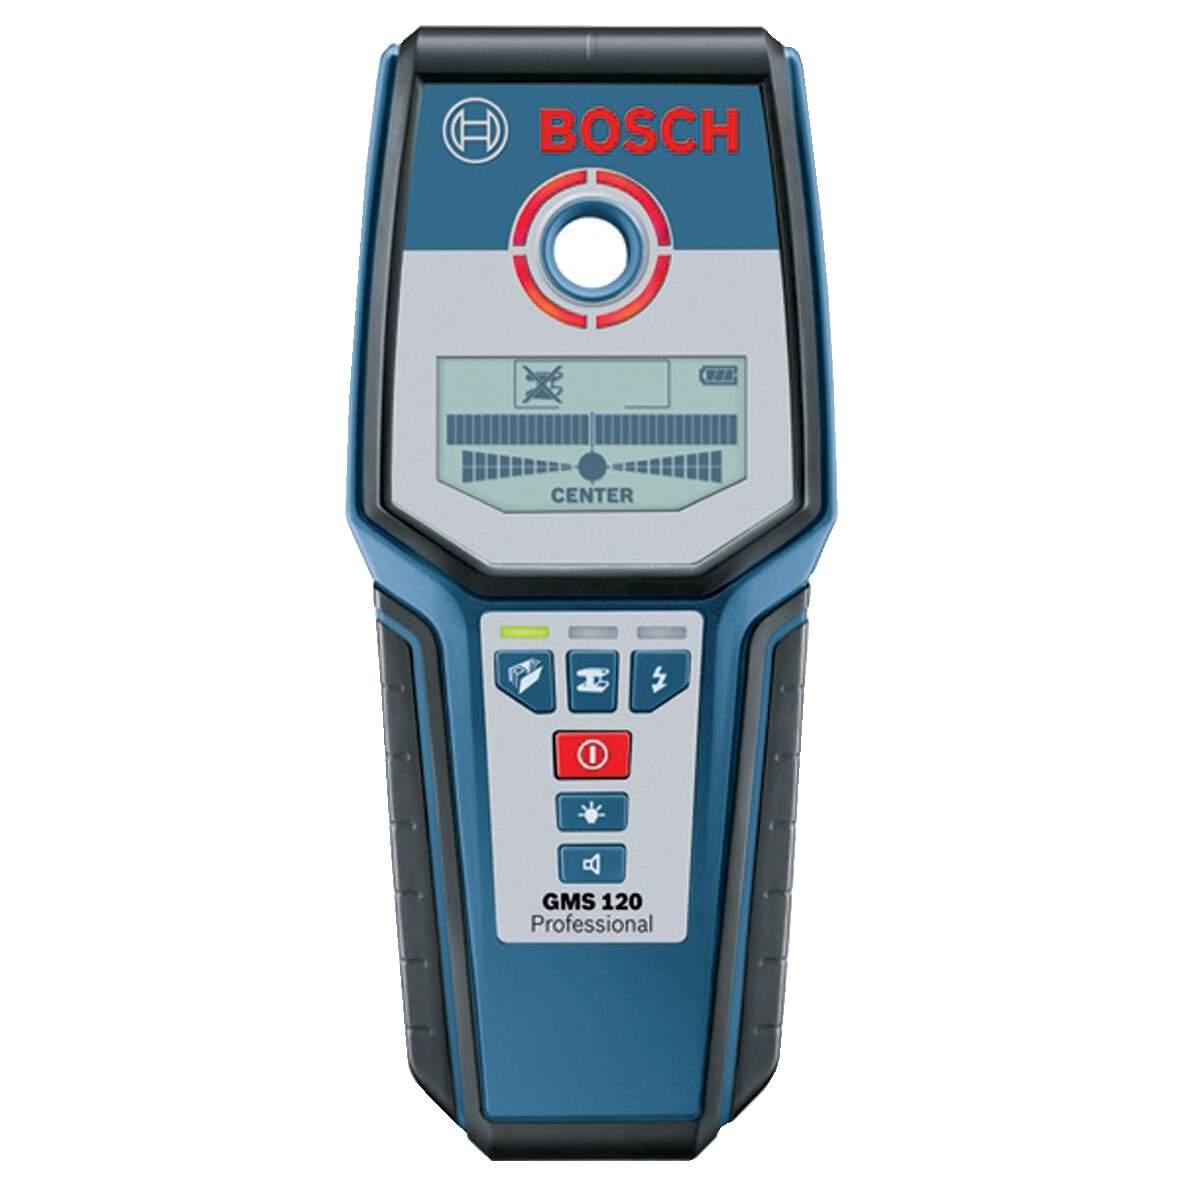 multidetektor gms 120 (1195957) - let's doit - starke marken